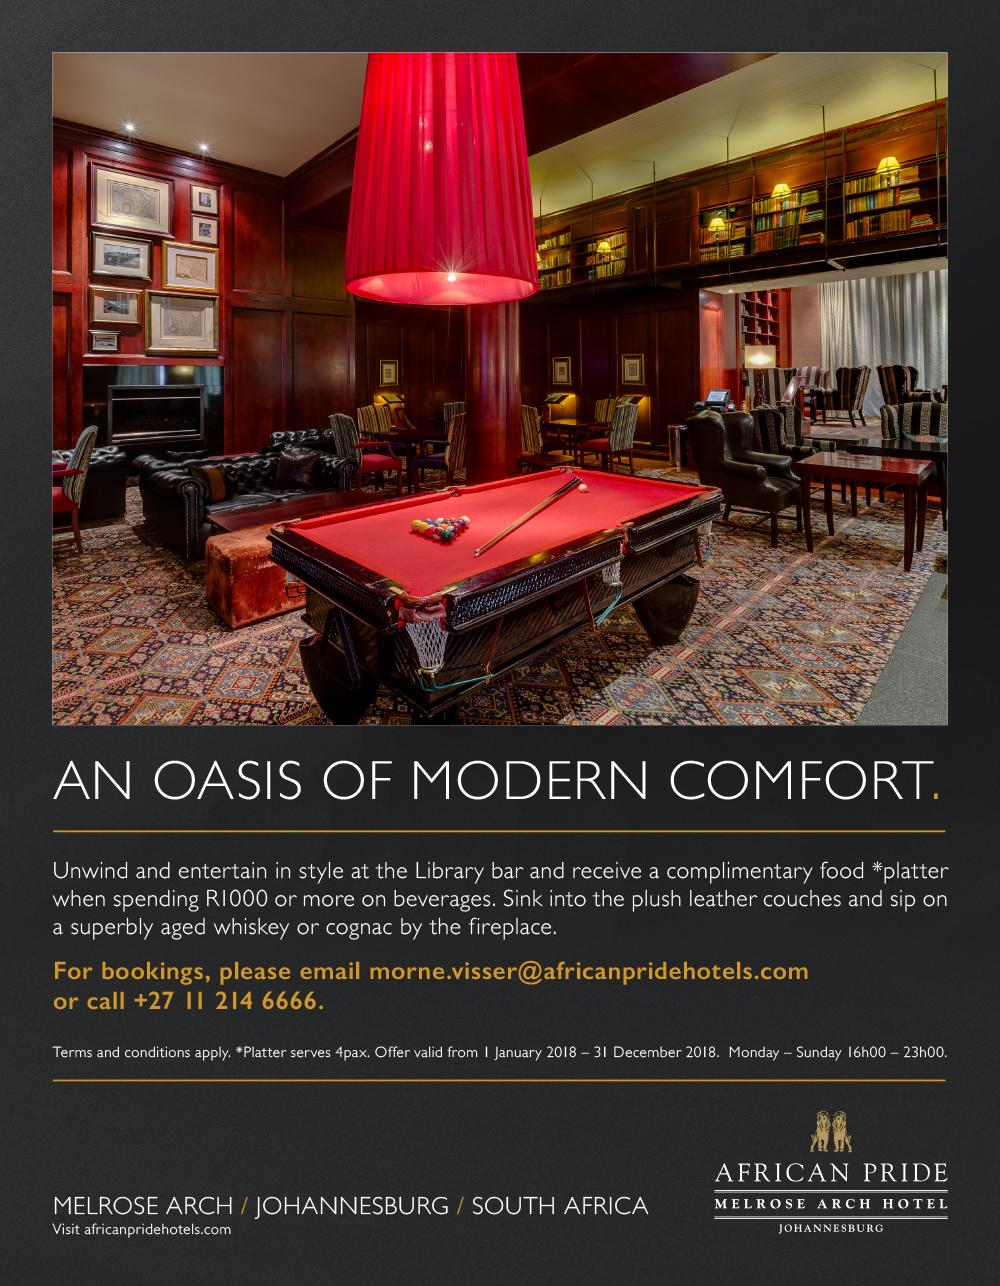 An Oasis of Modern Comfort